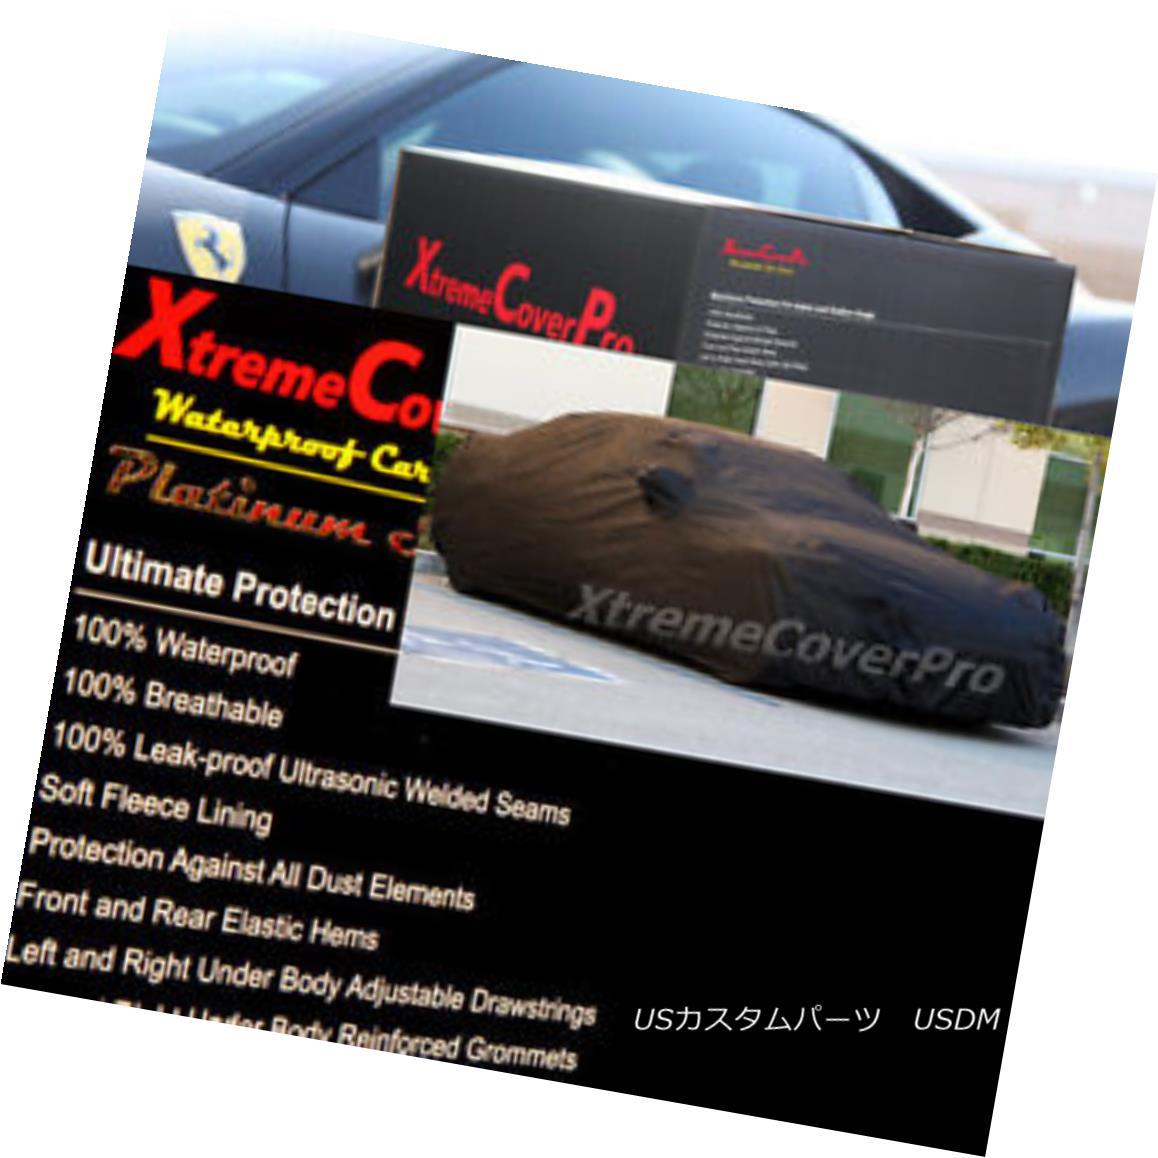 カーカバー 2009 Cadillac XLR Waterproof Car Cover w/MirrorPocket 2009年キャデラックXLR防水カーカバー付きMirrorPocket